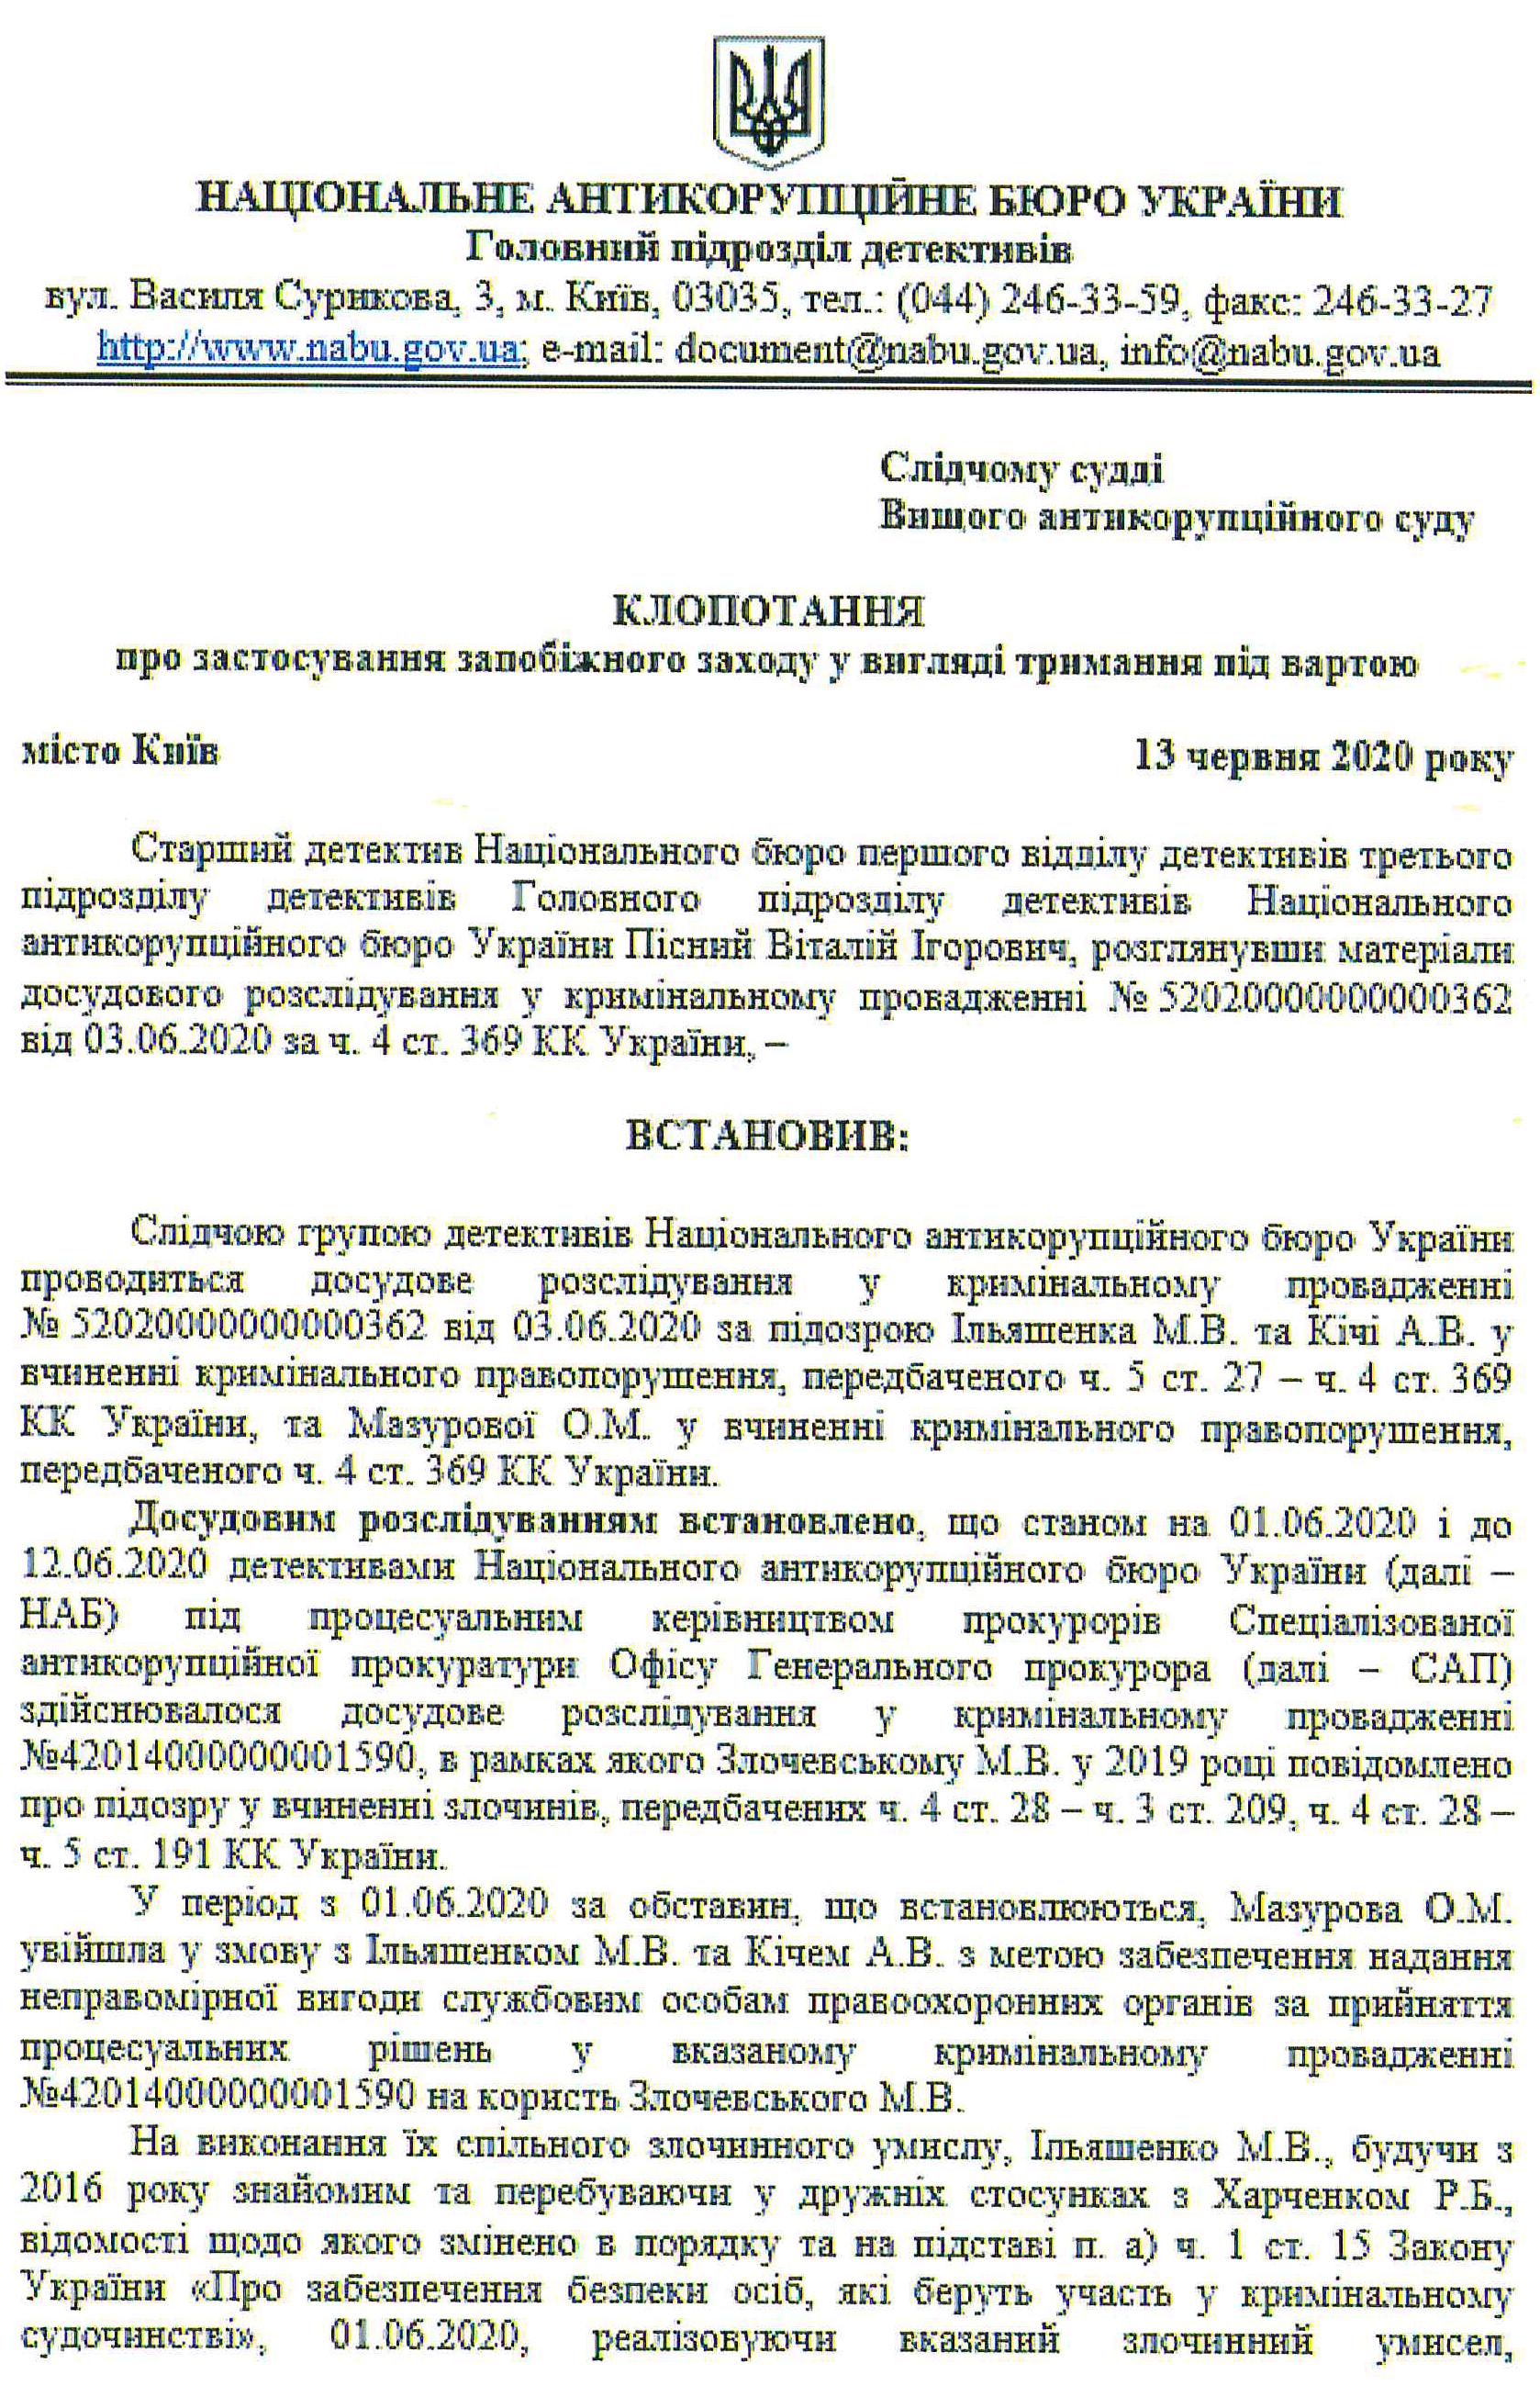 Requête du NABU pour une mesure préventive sous forme de détention du suspect Iliachenko